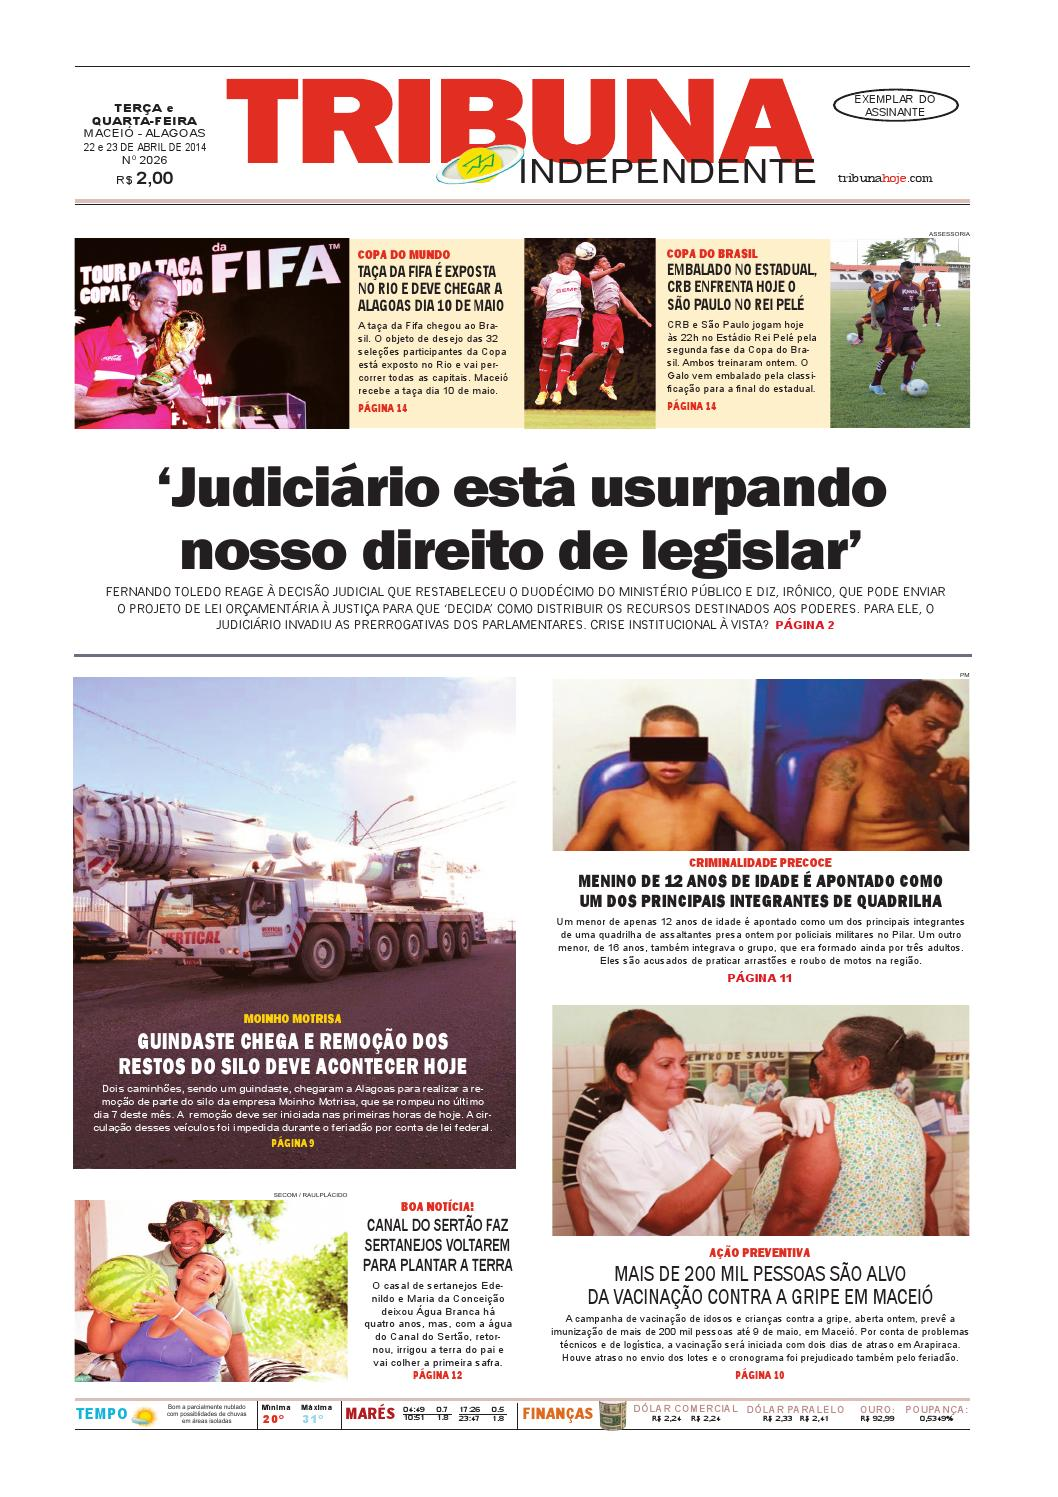 131bd98ac5503 Edição número 2026 - 22 e 23 de abril de 2014 by Tribuna Hoje - issuu